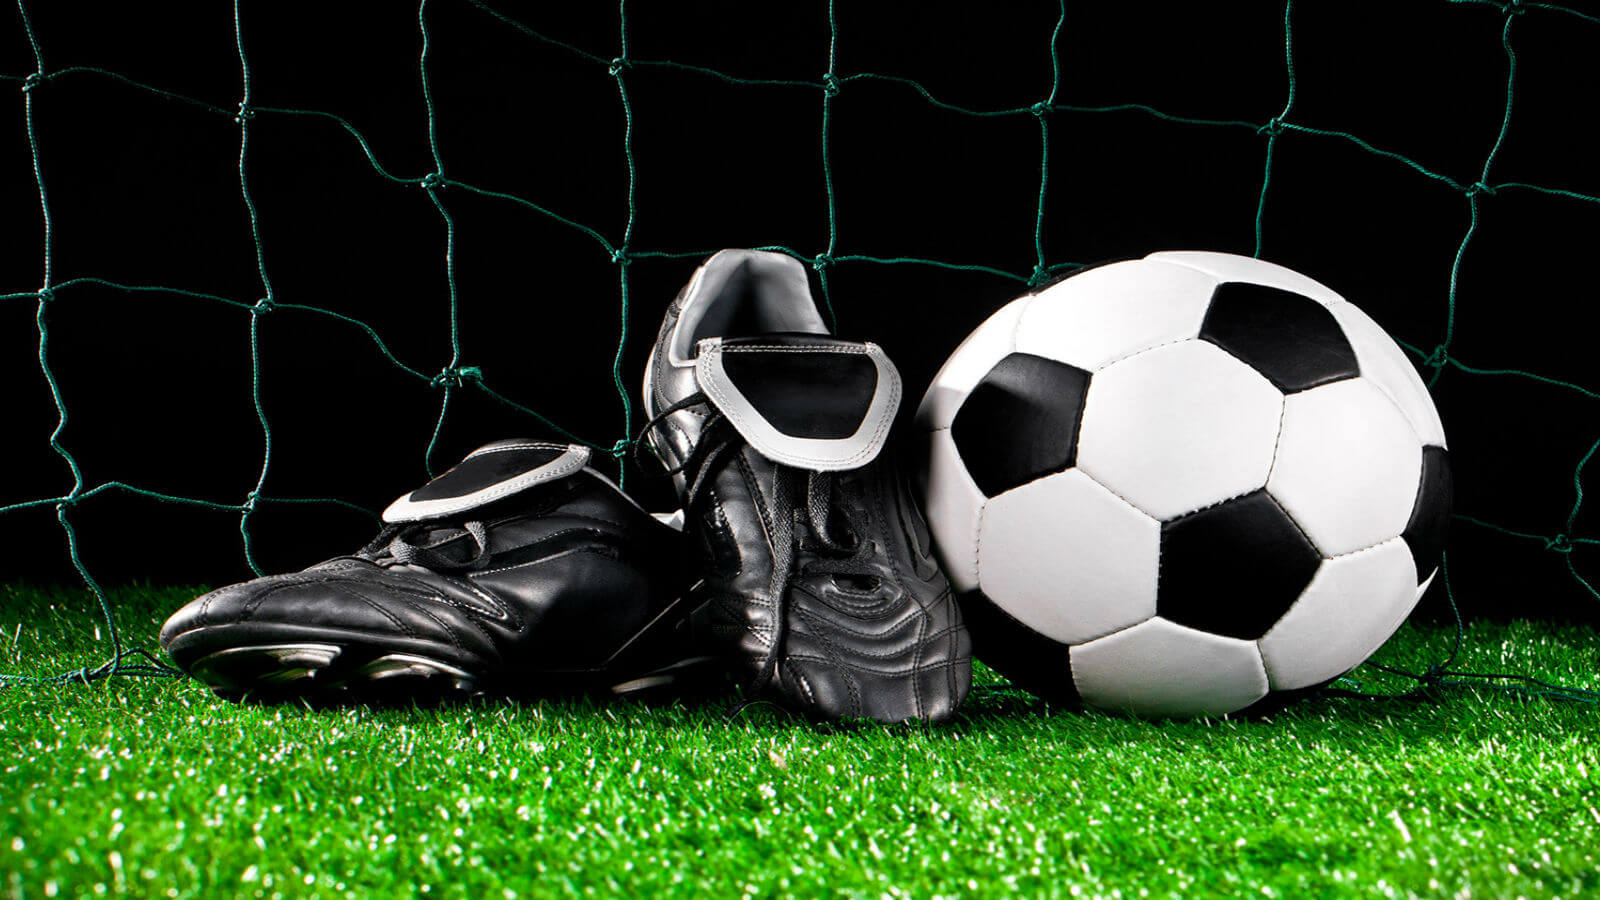 Стратегия на аутсайдера в футболе